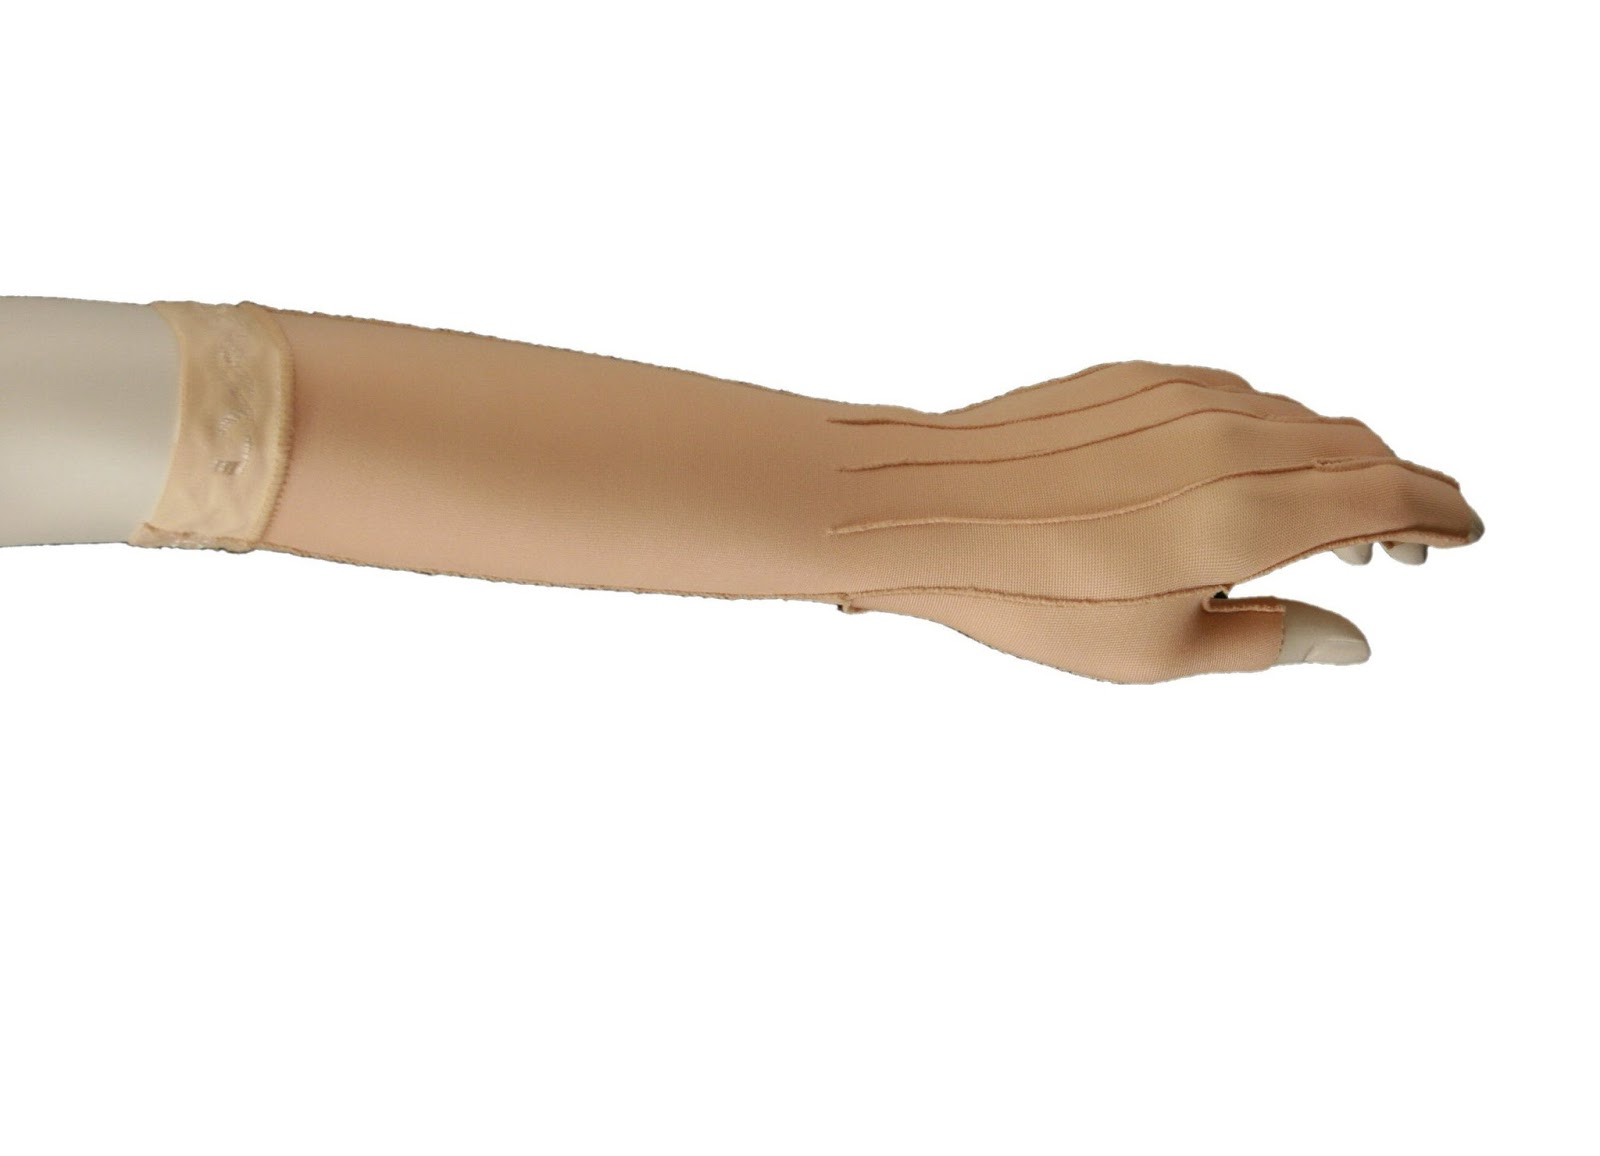 smerter i huden ved berøring